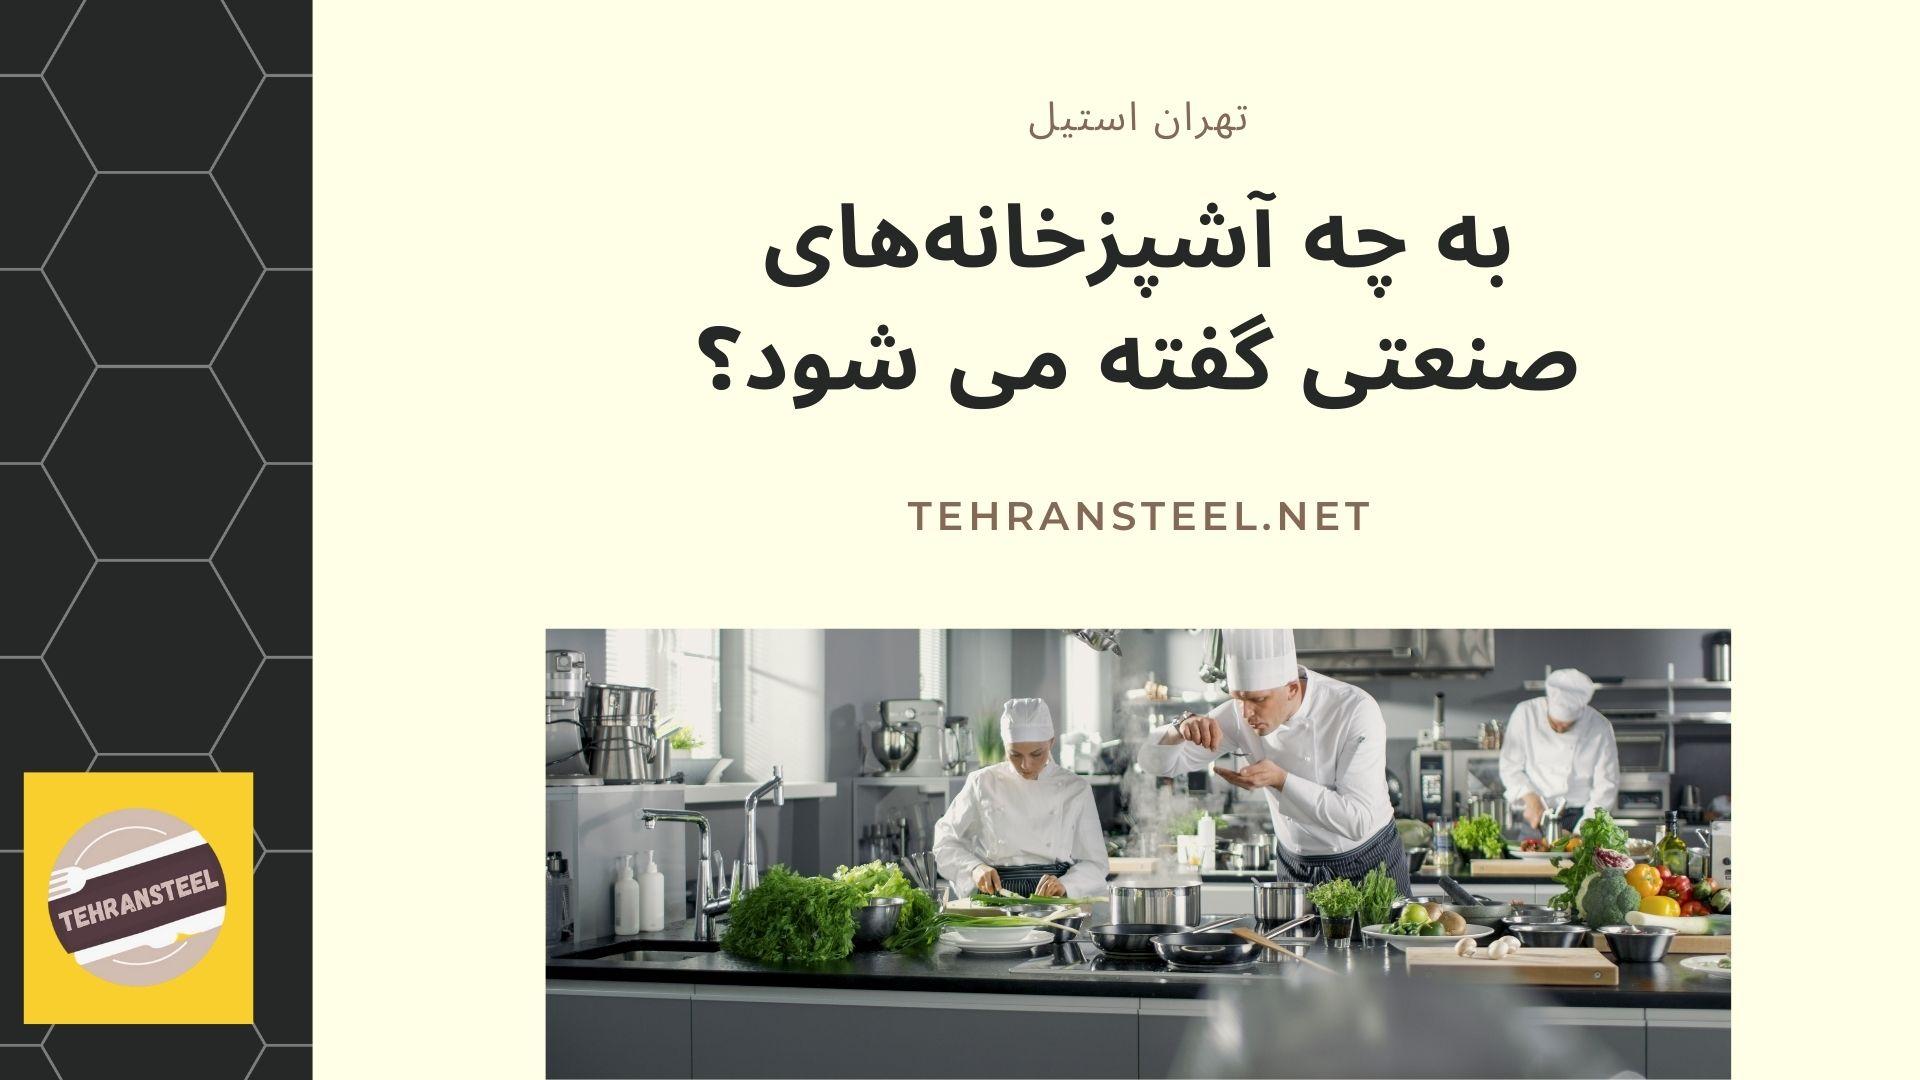 به چه آشپزخانههایی صنعتی گفته می شود؟